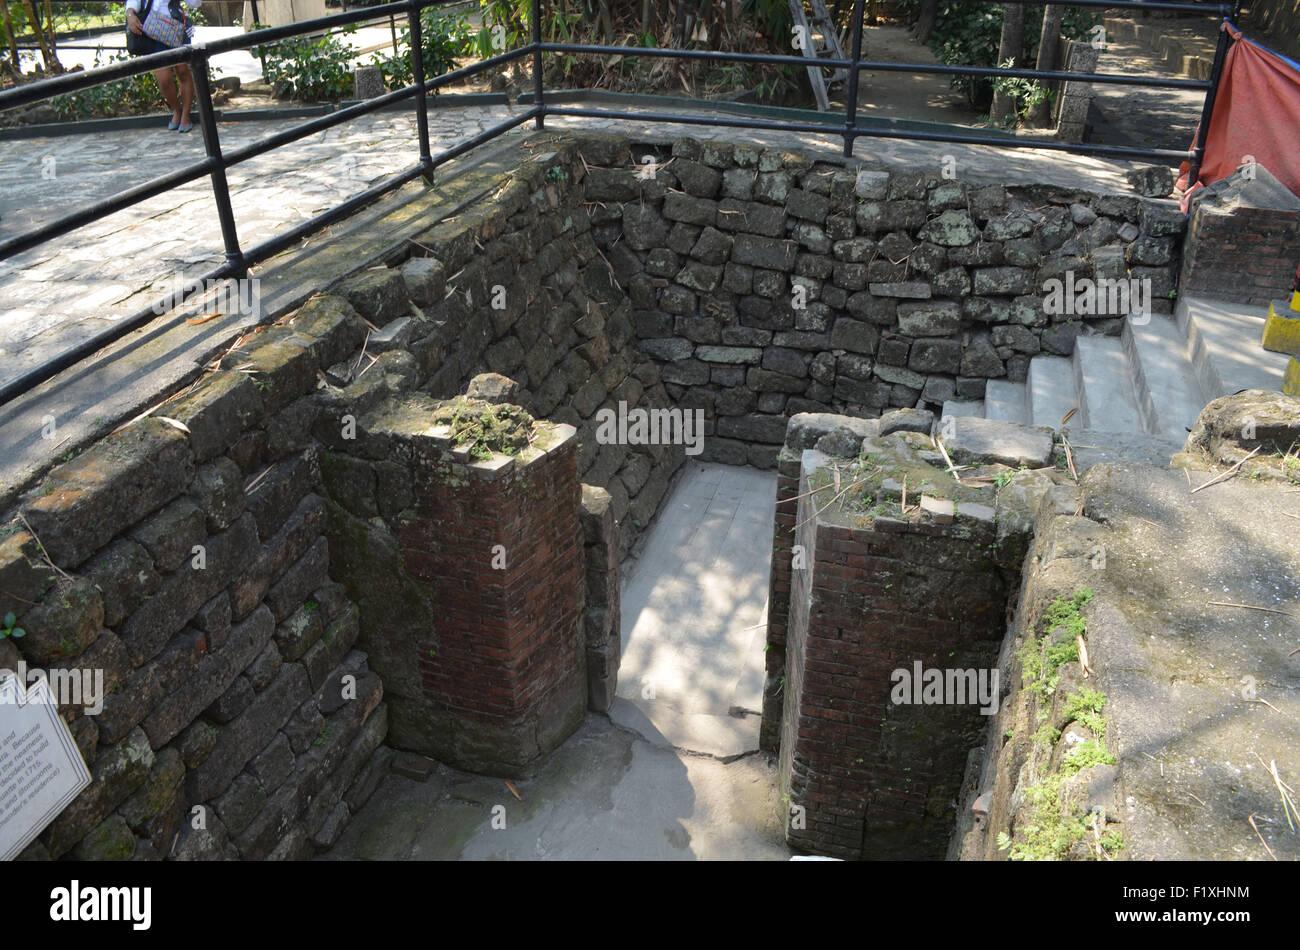 La cella in cui Jose Rizal dedicato parte del suo tempo in Forte Santiago, Manila. Lui è stato imprigionato Immagini Stock